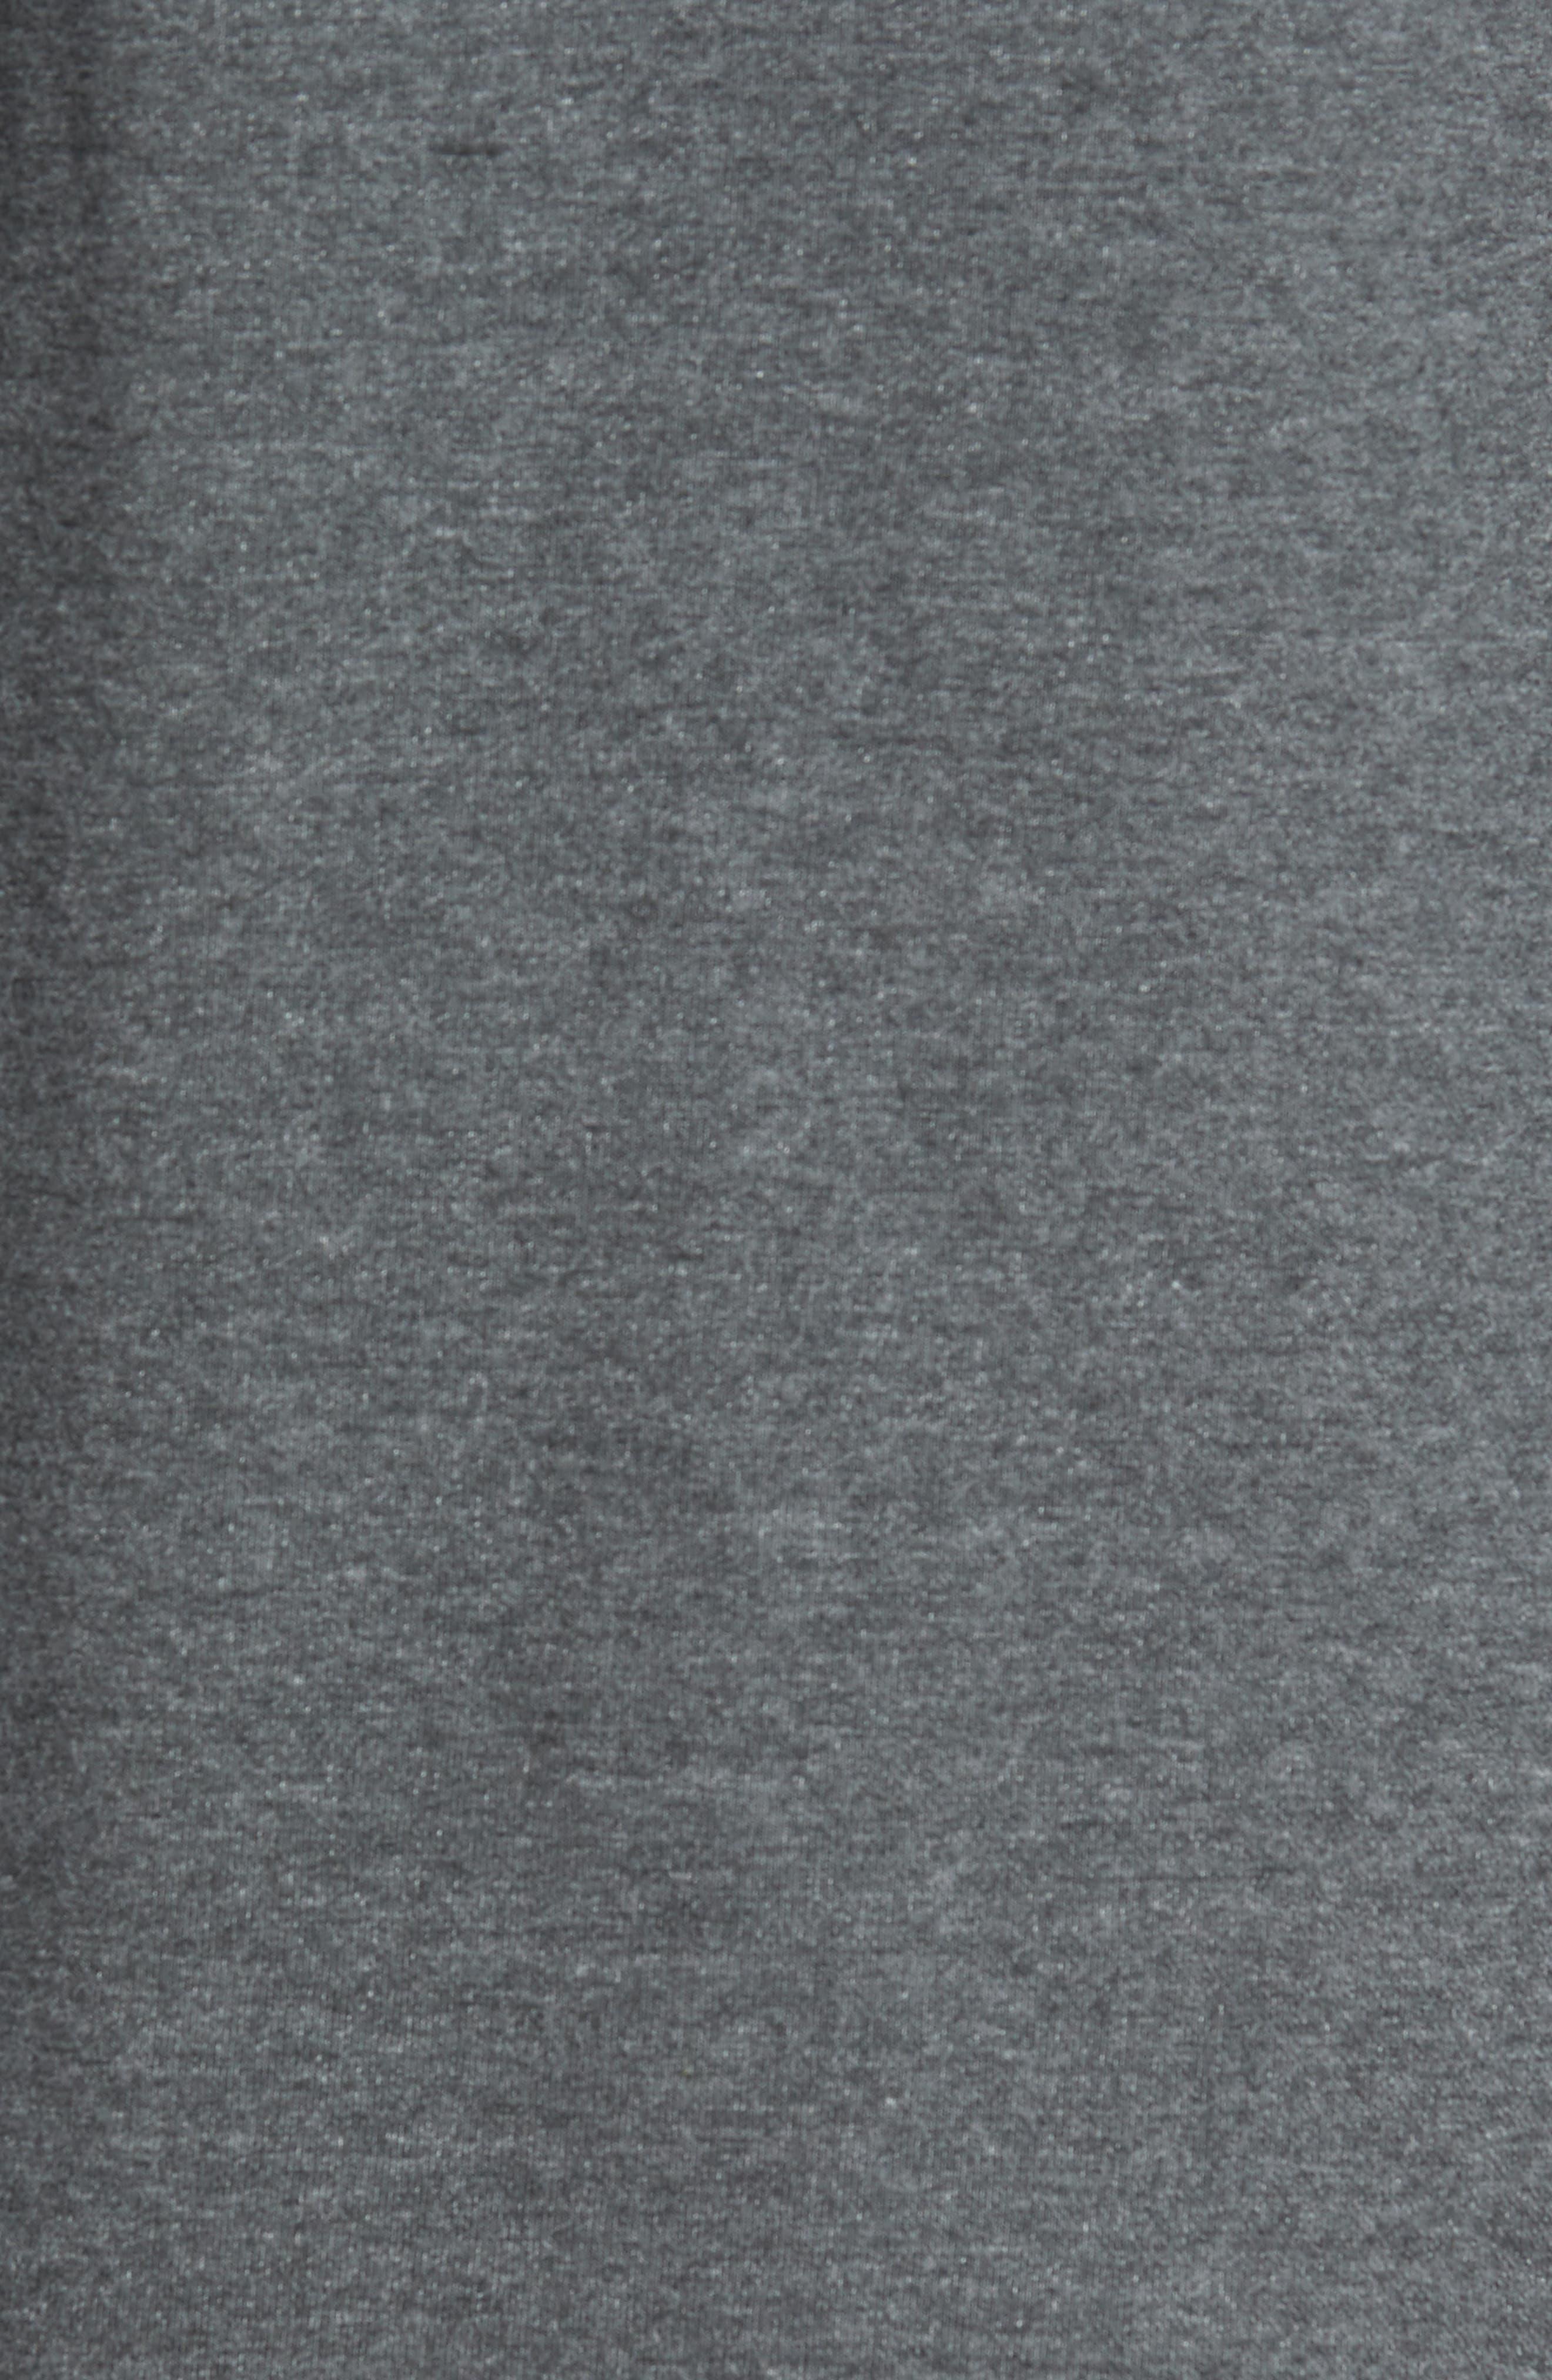 Oceanside Woven Shirt,                             Alternate thumbnail 25, color,